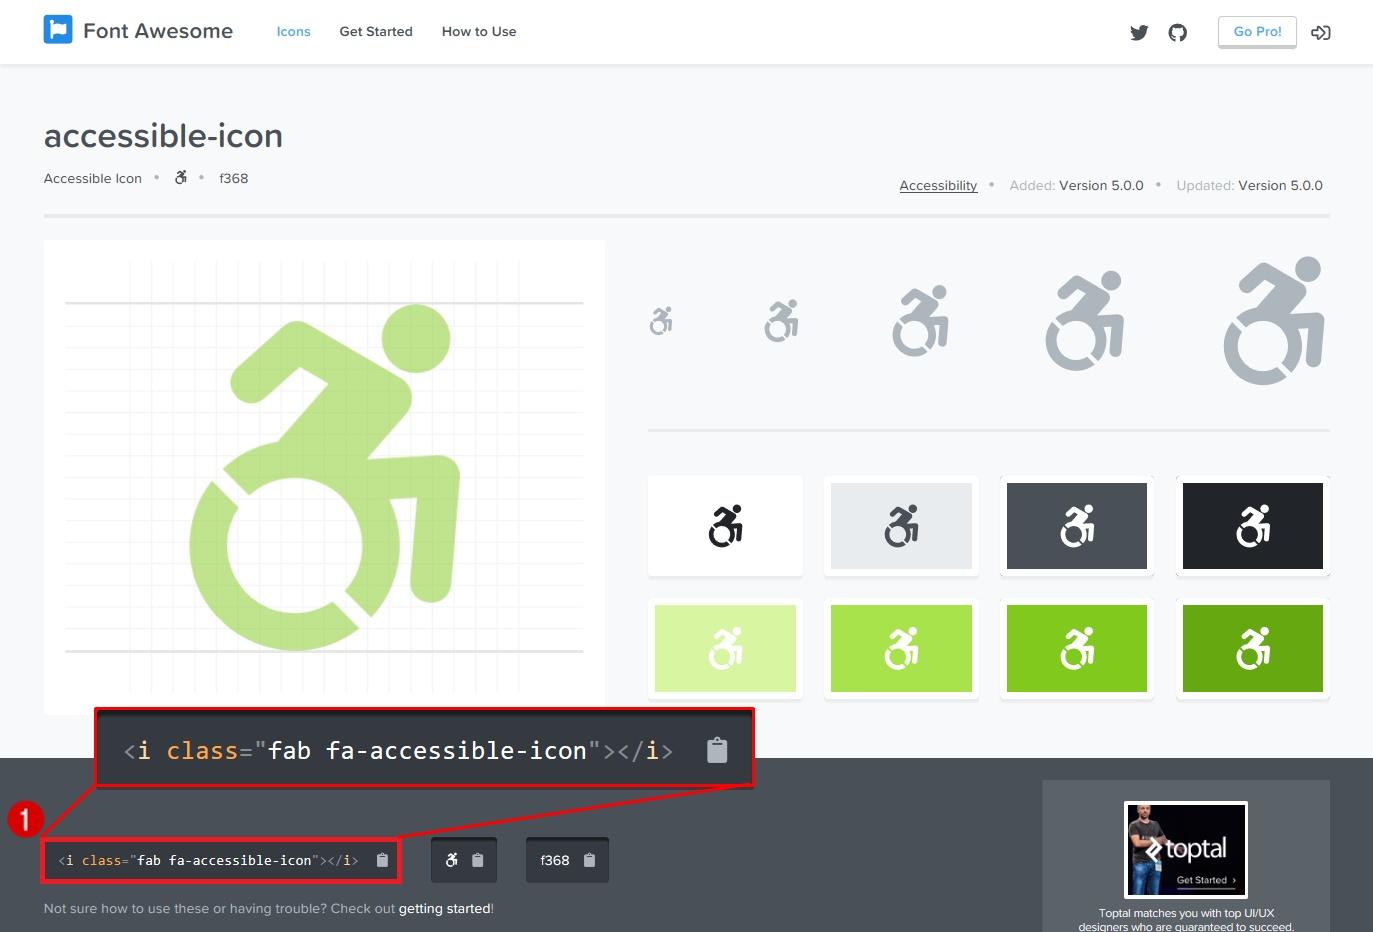 accessibleのアイコンのクラス名